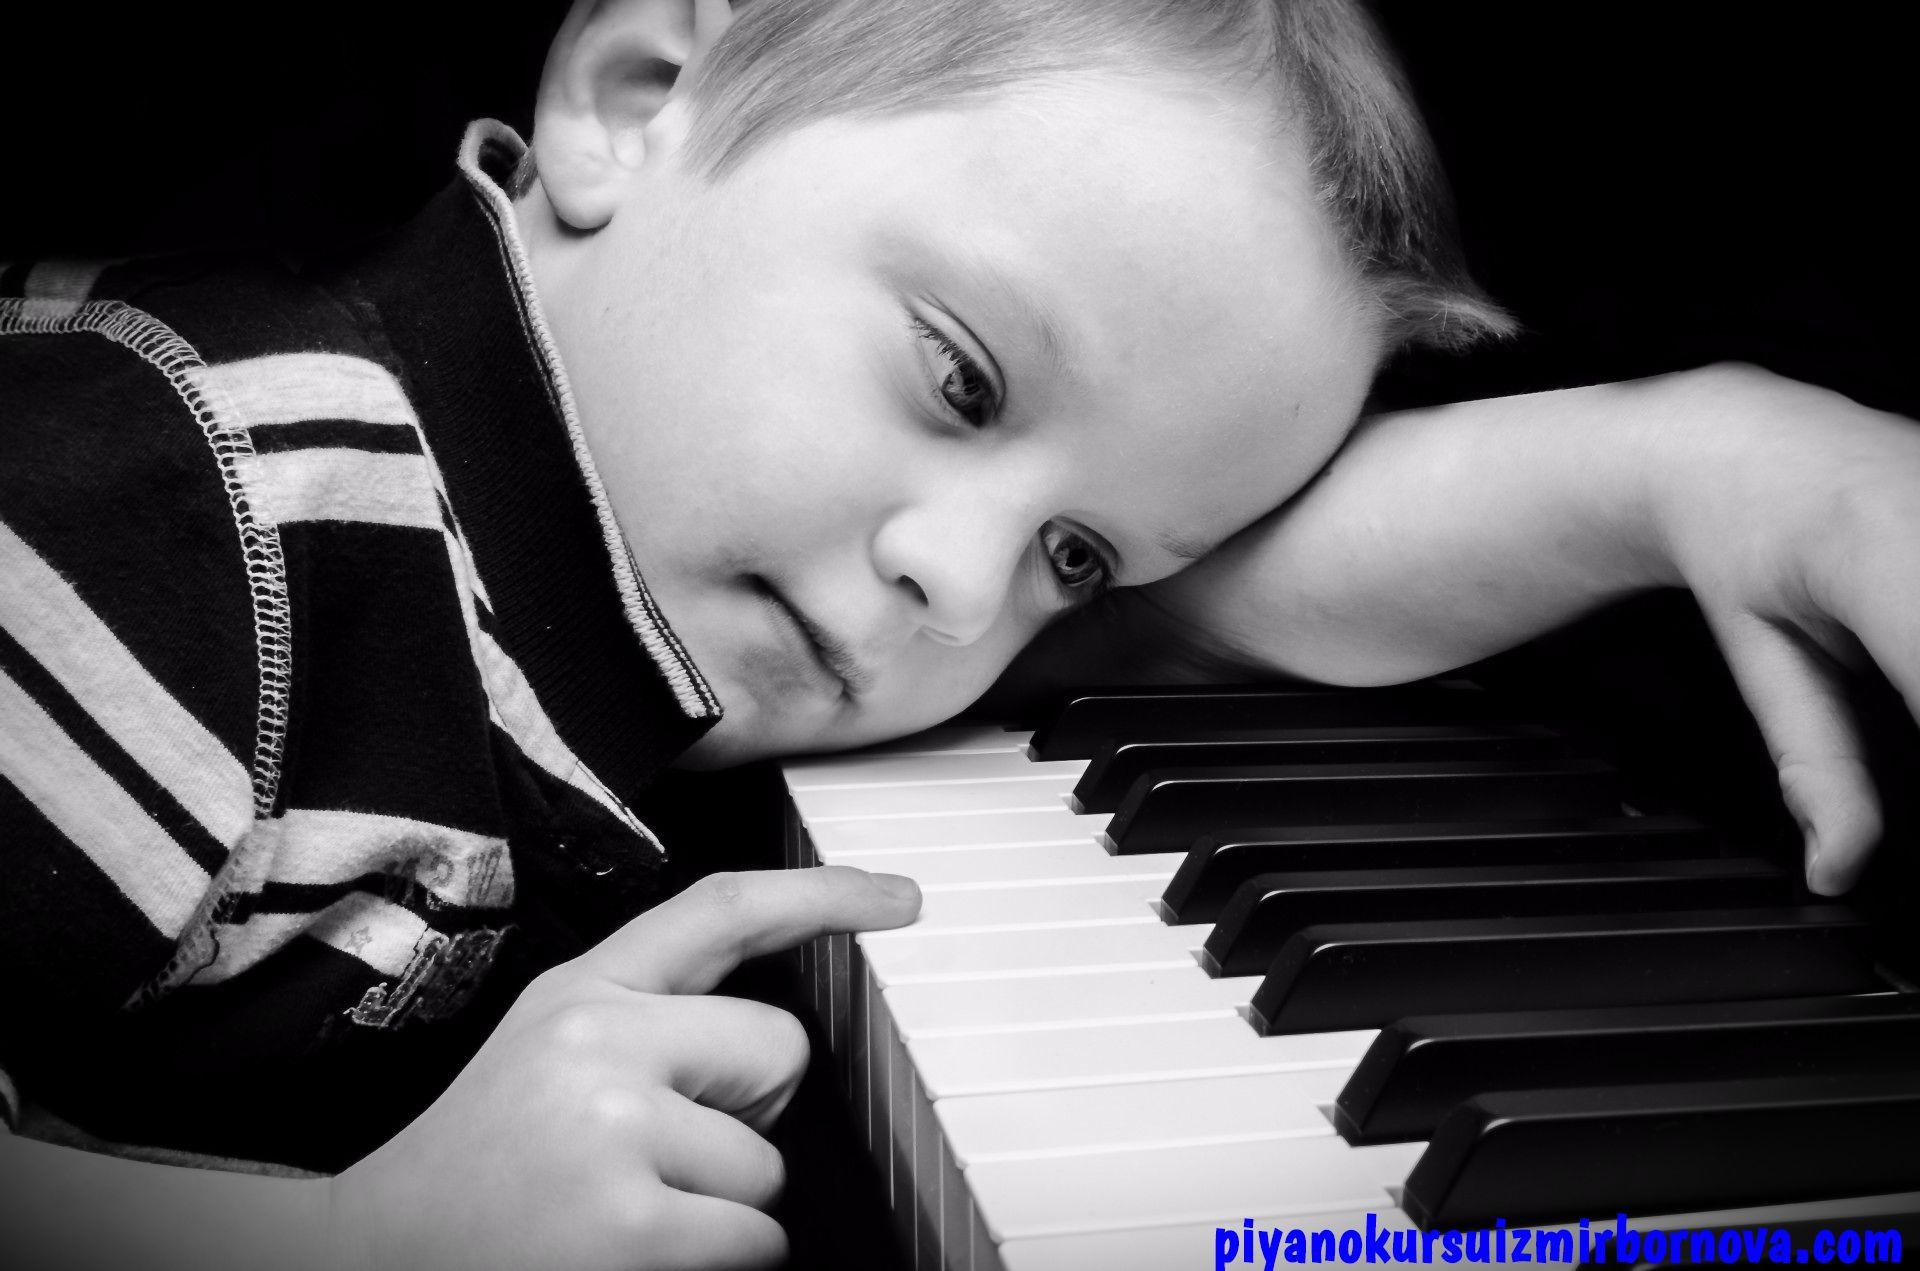 Piyano çalan çocuk